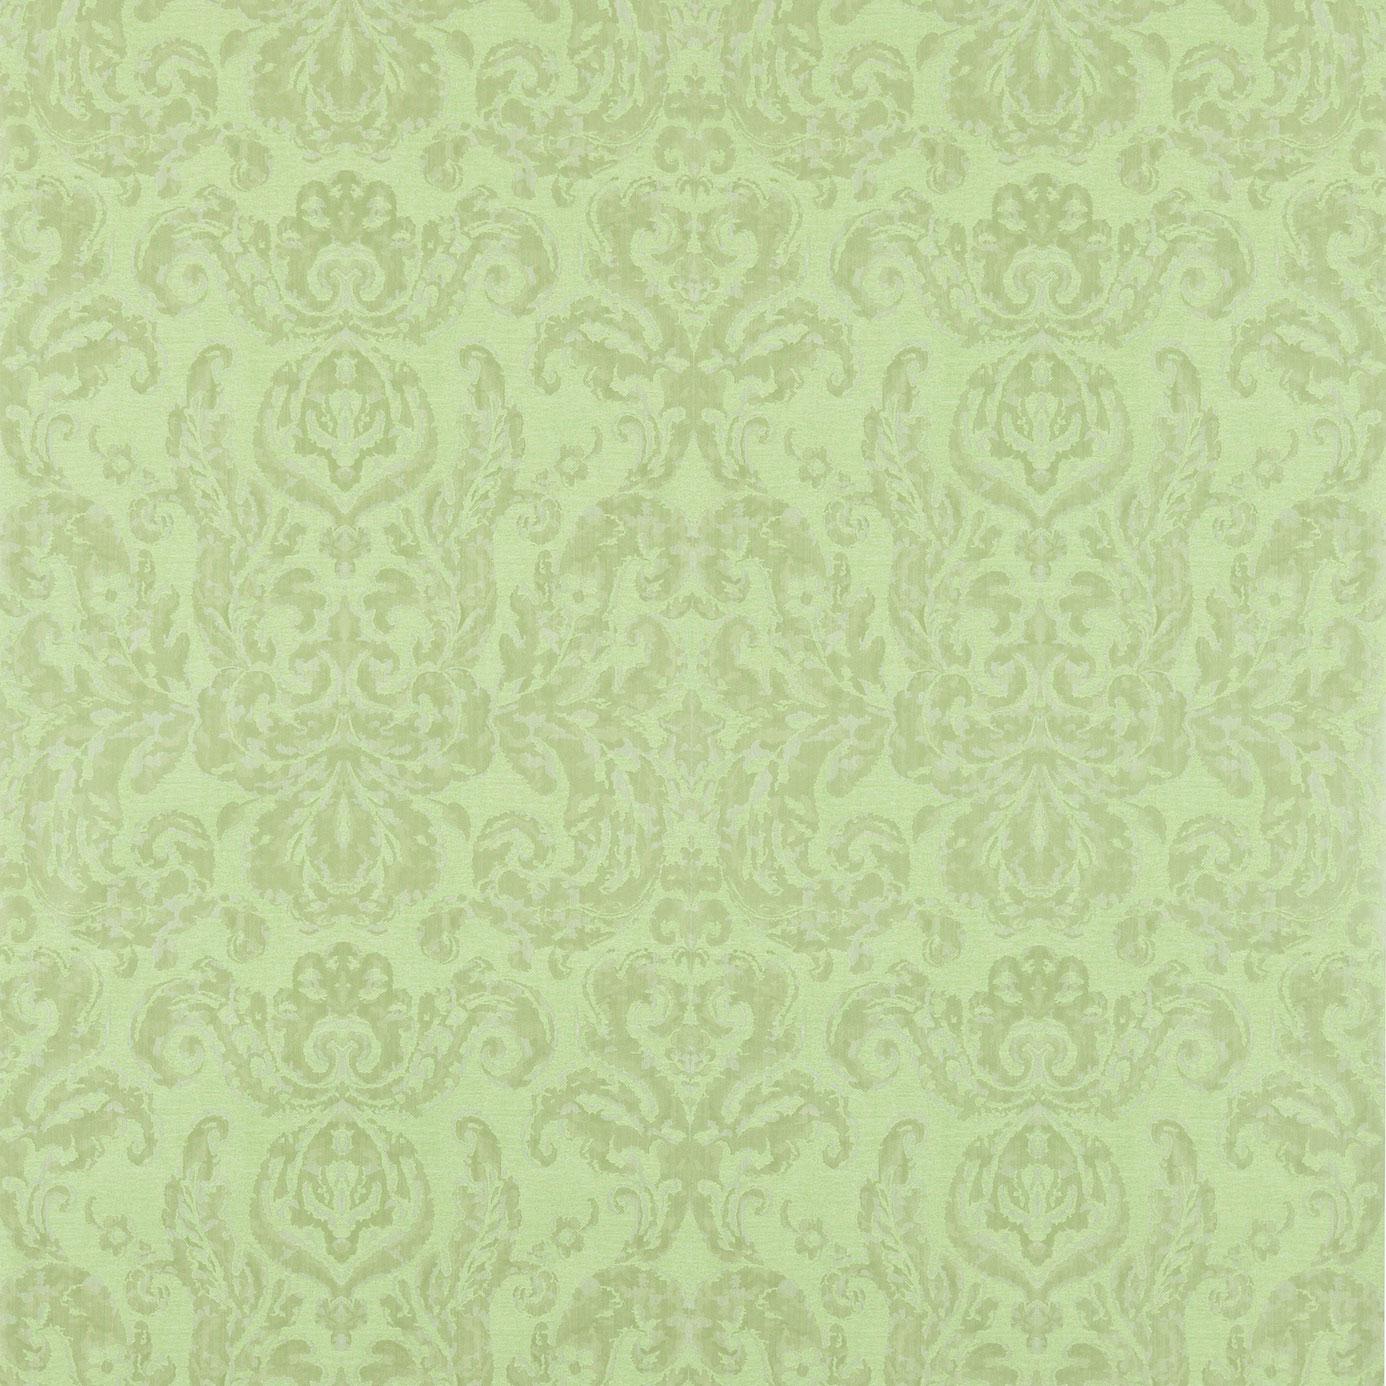 Английские обои Zoffany,  коллекция Constantina Damask, артикул312114